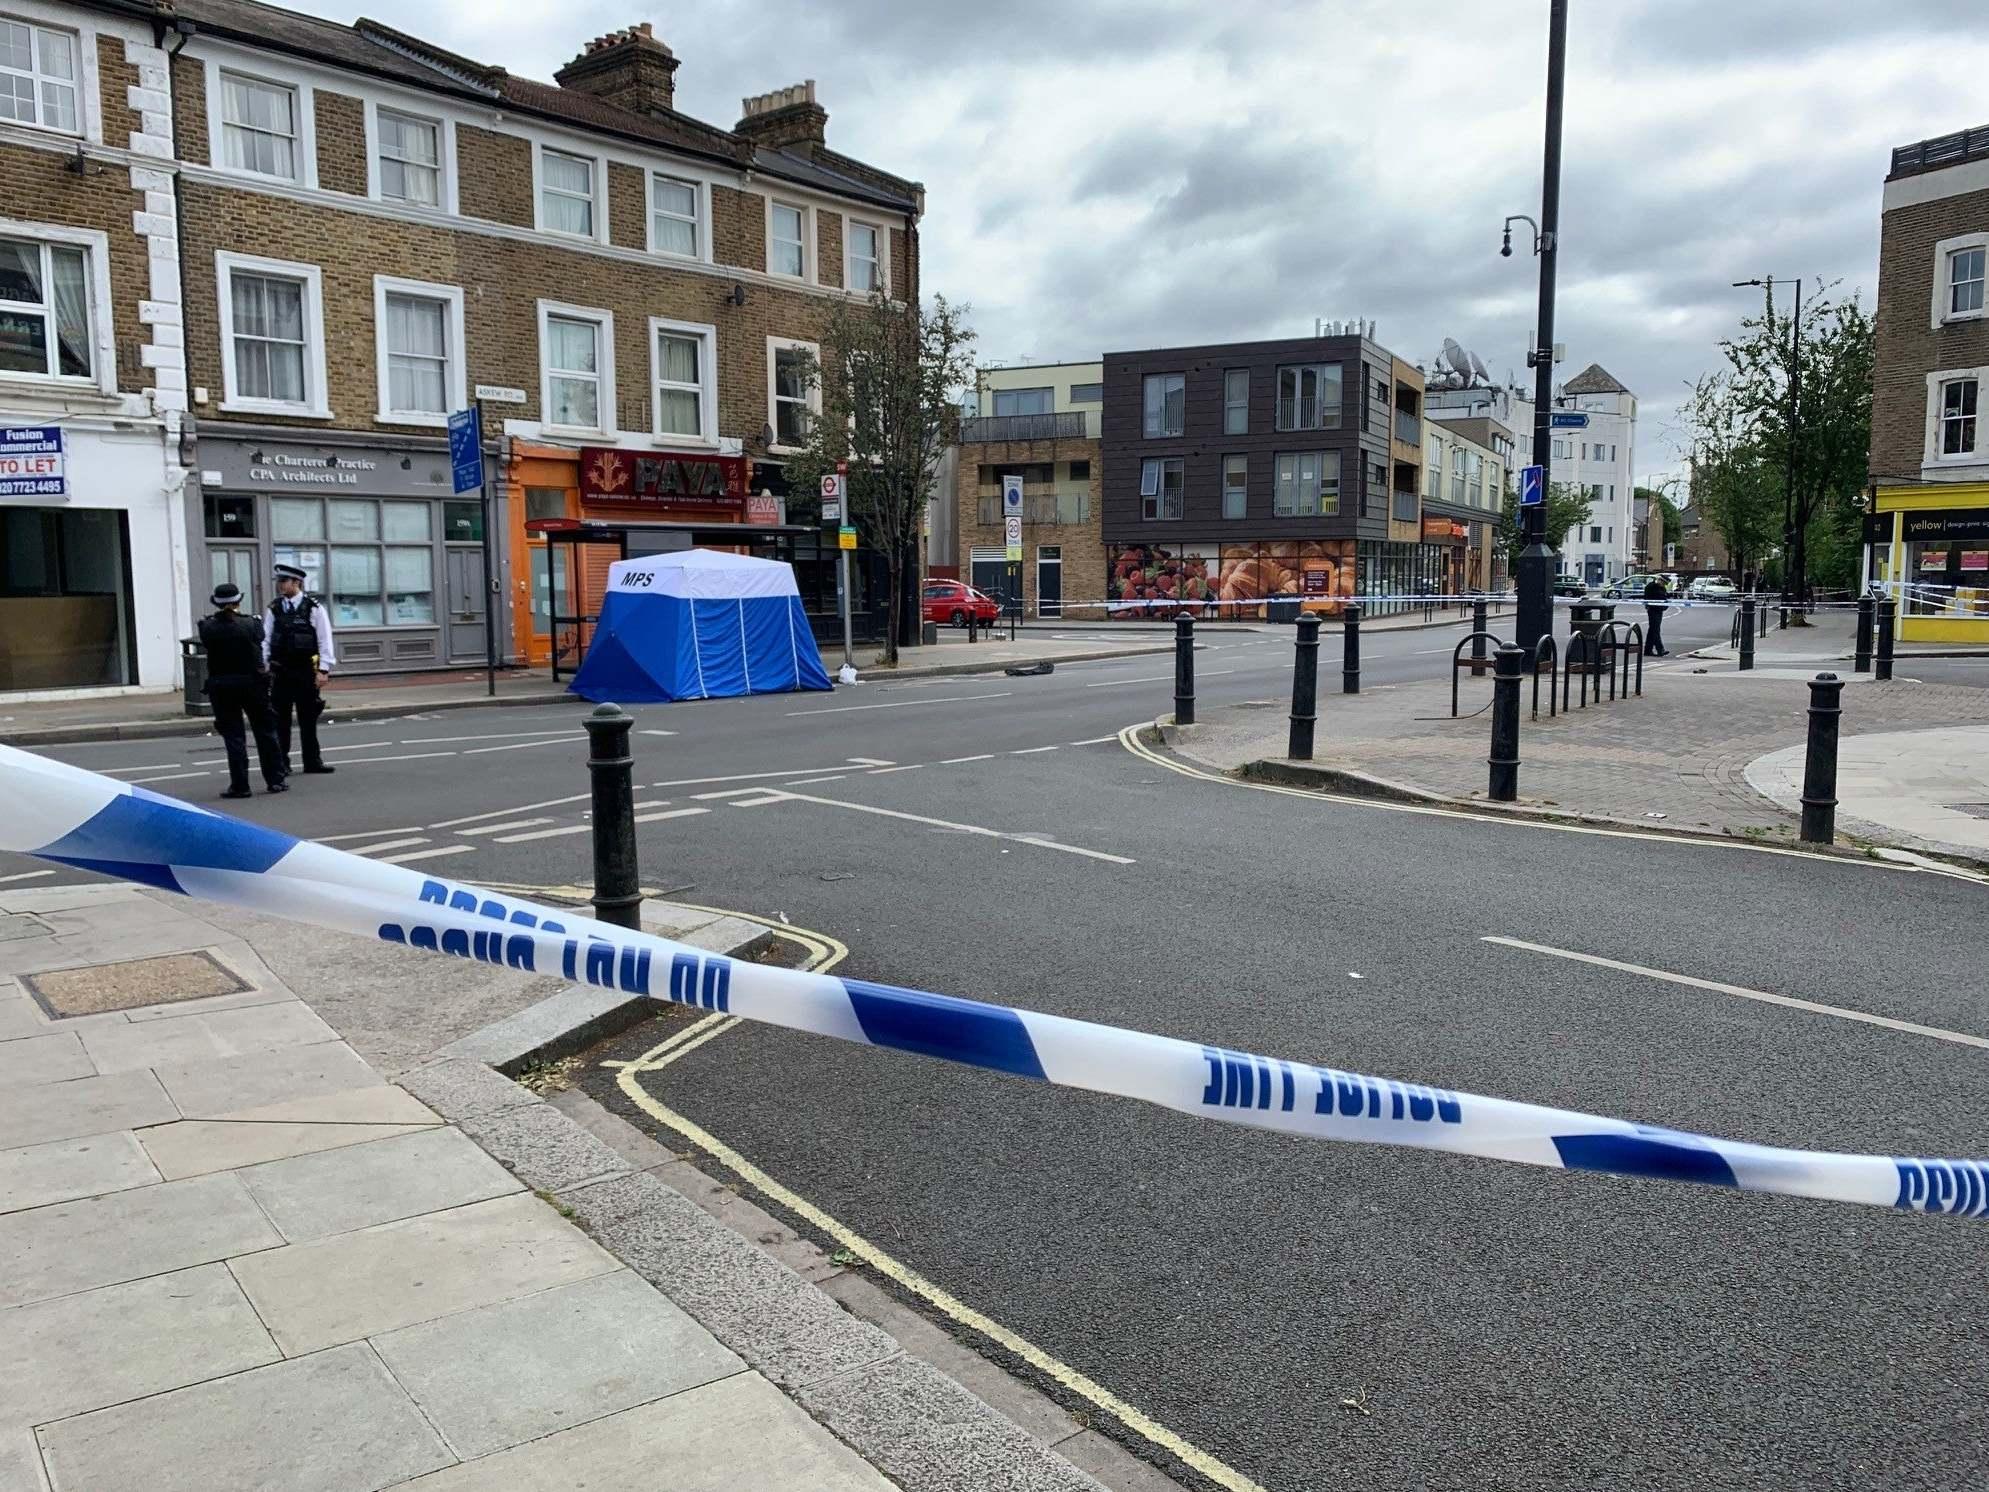 Shepherd's Bush: Man shot dead in London thumbnail